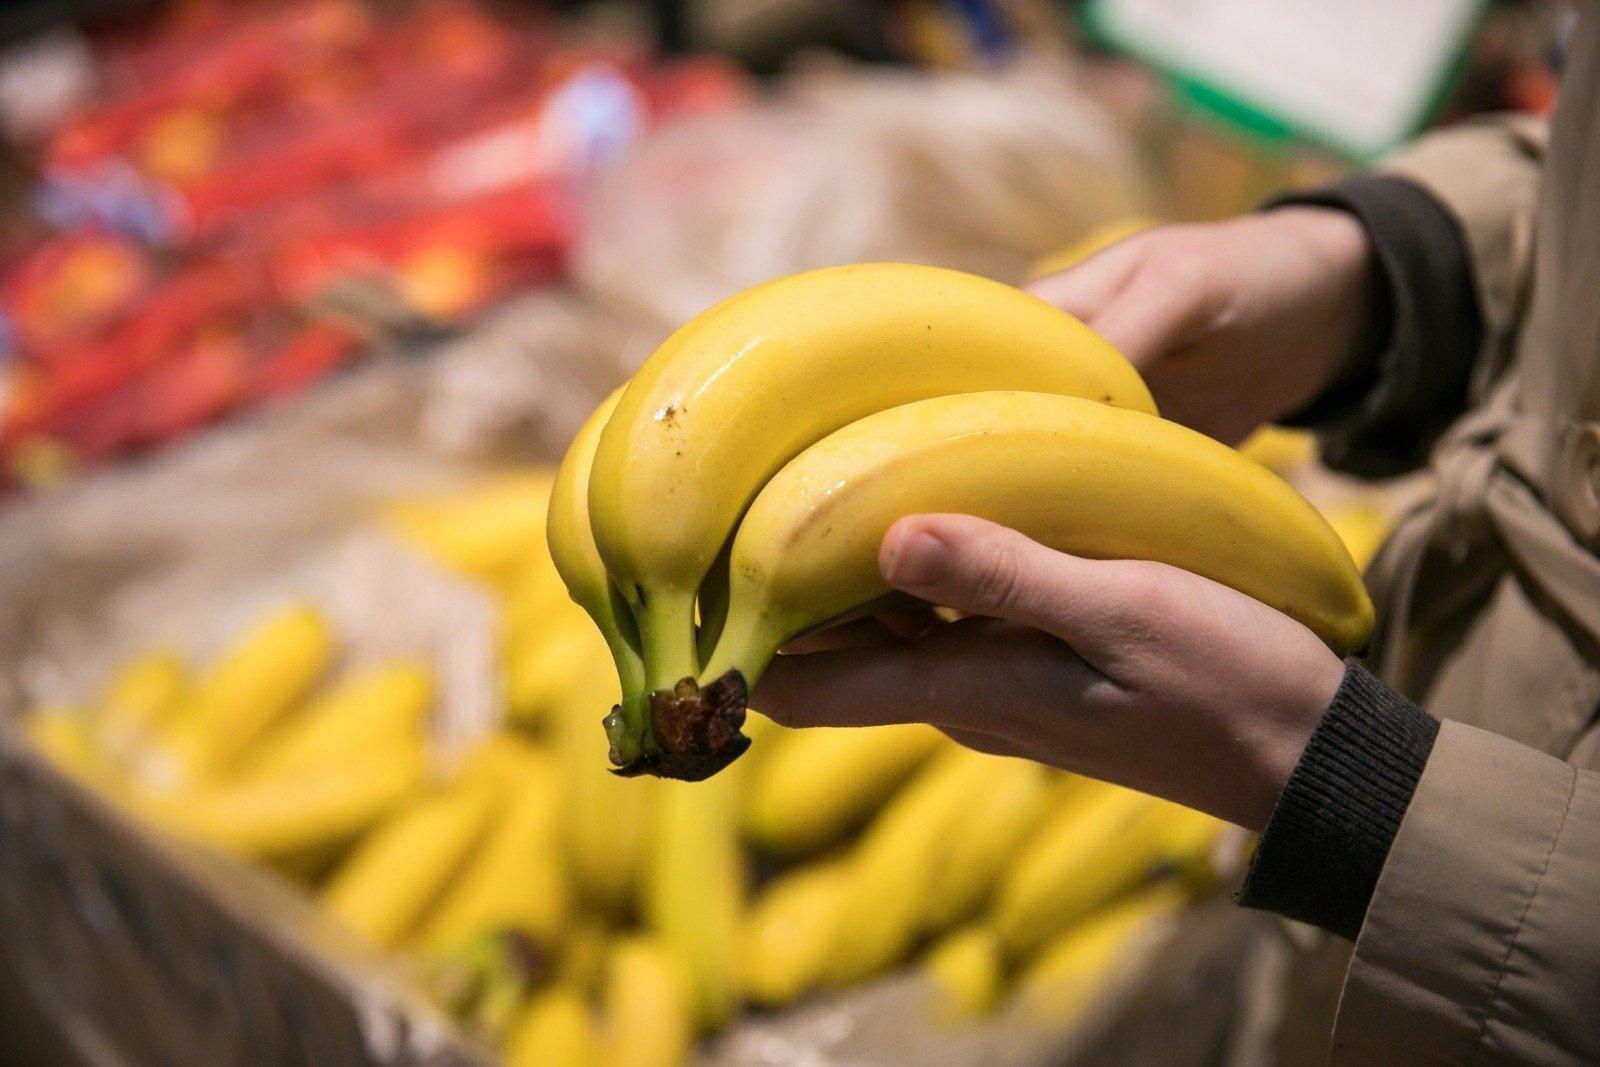 Lūžis parduotuvių lentynose: lietuviški obuoliai brangesni už bananus